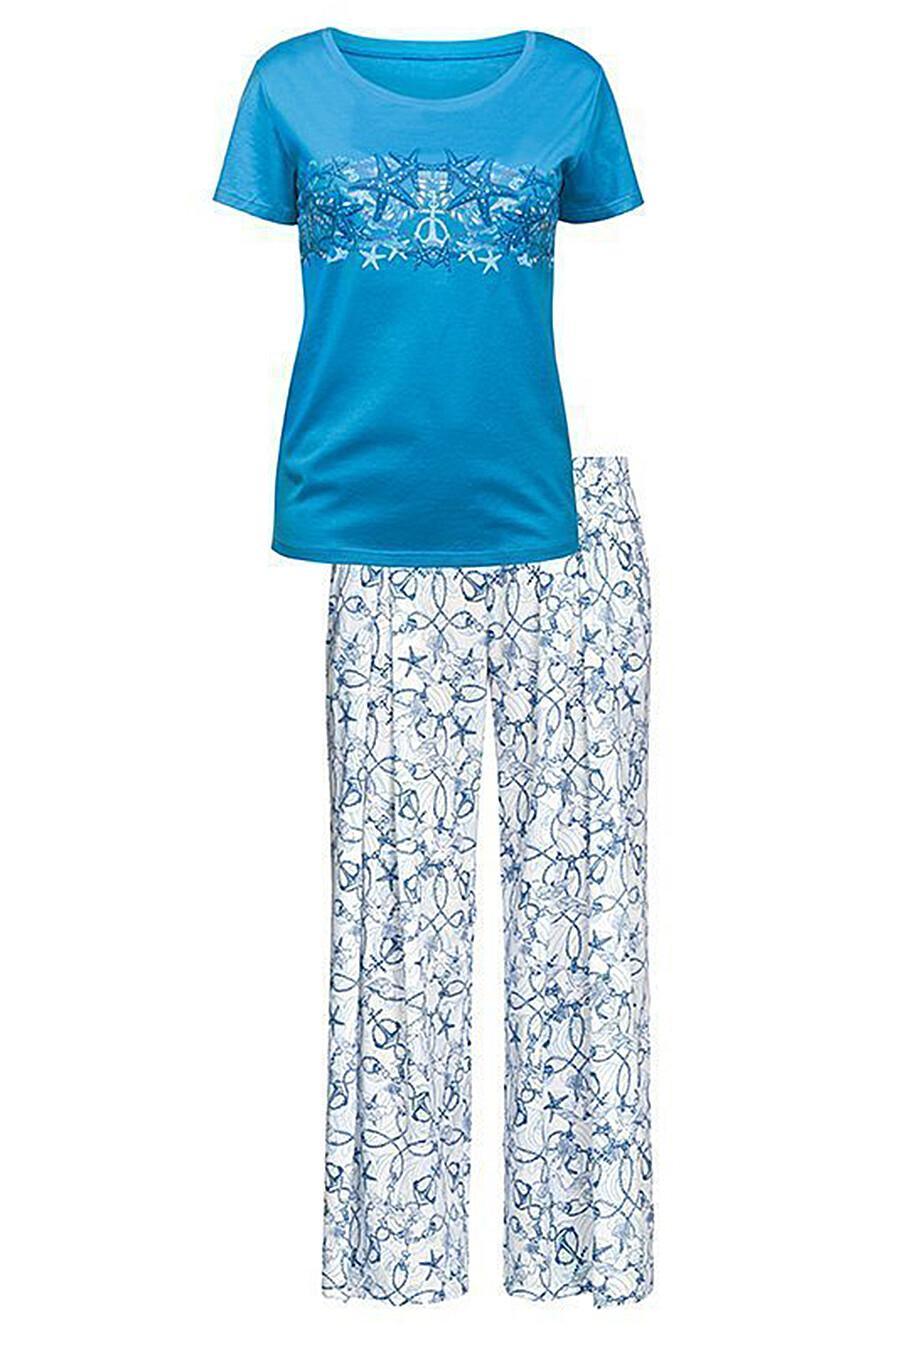 Пижама (Брюки+Футболка) для женщин PELICAN 111432 купить оптом от производителя. Совместная покупка женской одежды в OptMoyo